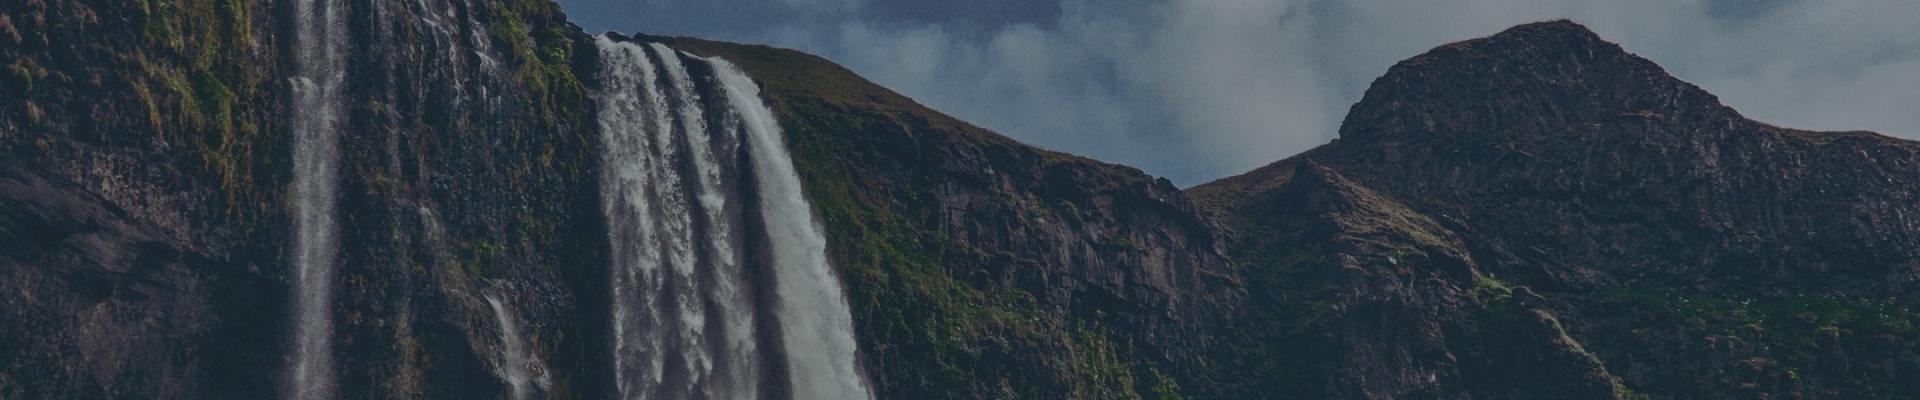 Monsoon trek to Tandulwadi (Ex-Mumbai)